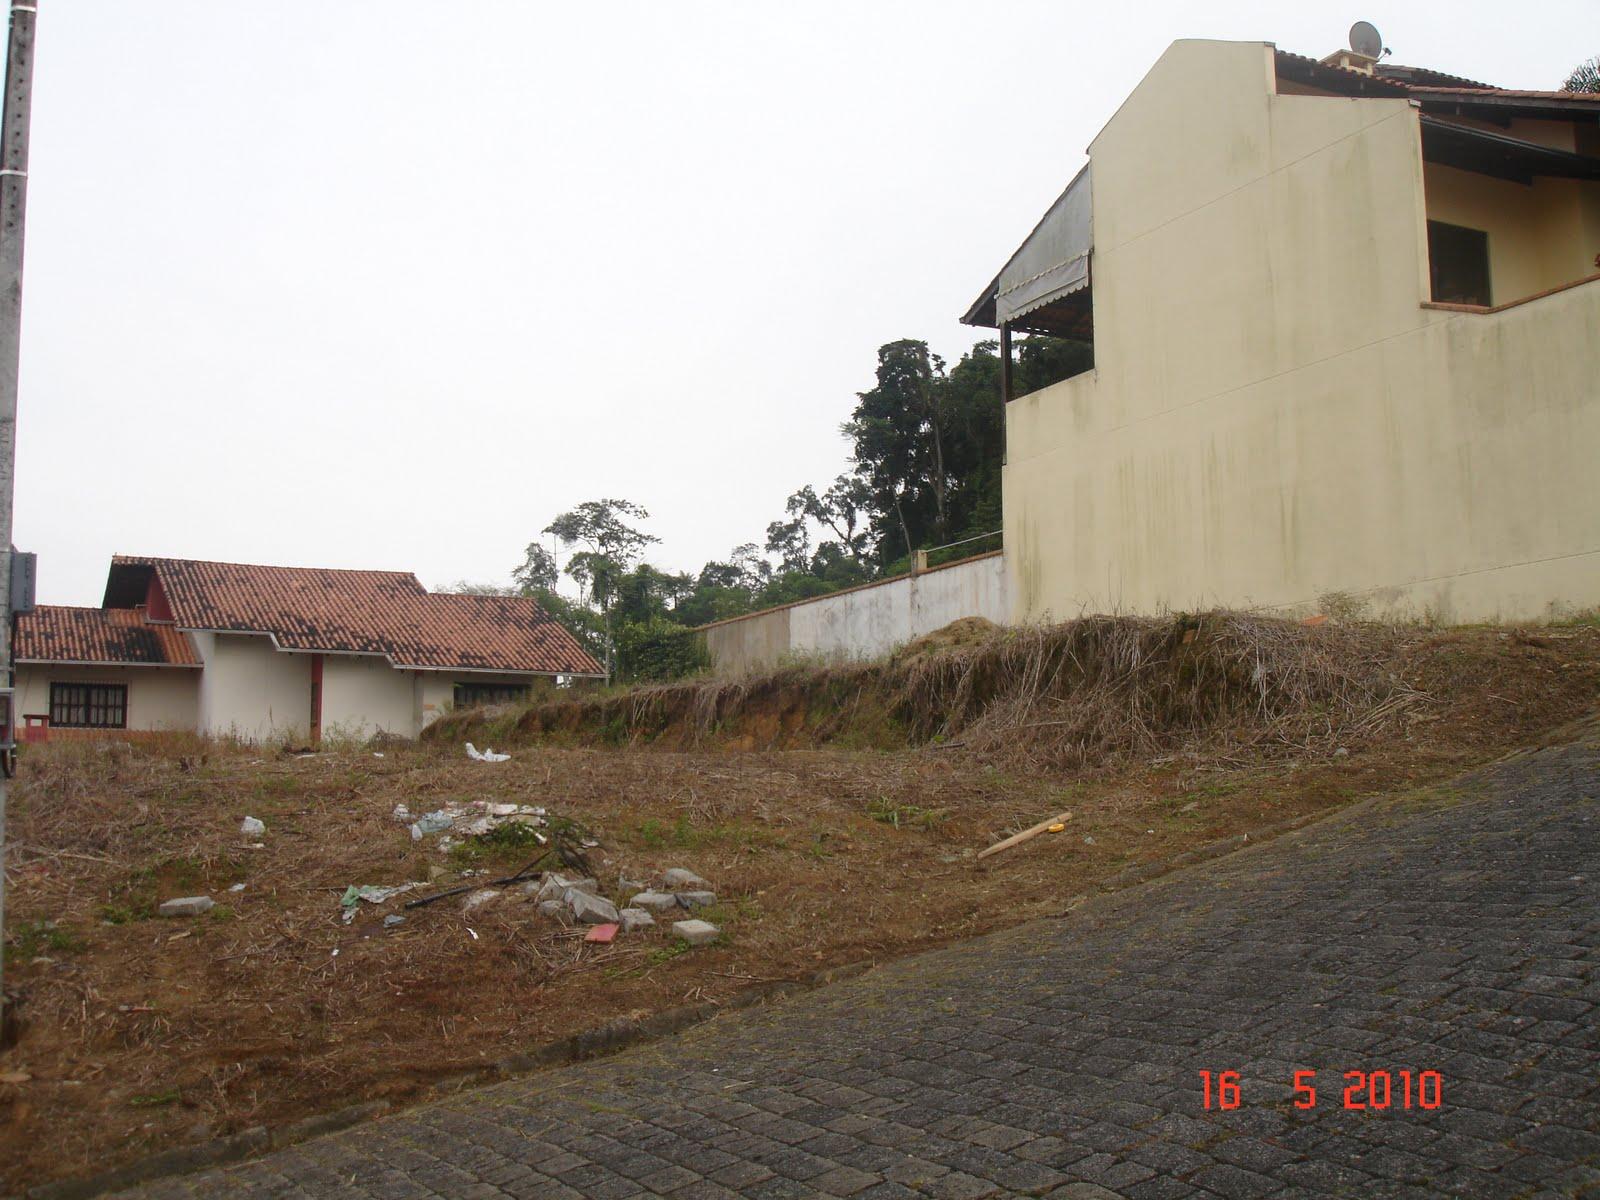 Nossa Casa no Site Construção da fundação ao acabamento: Fotos  #A93022 1600 1200